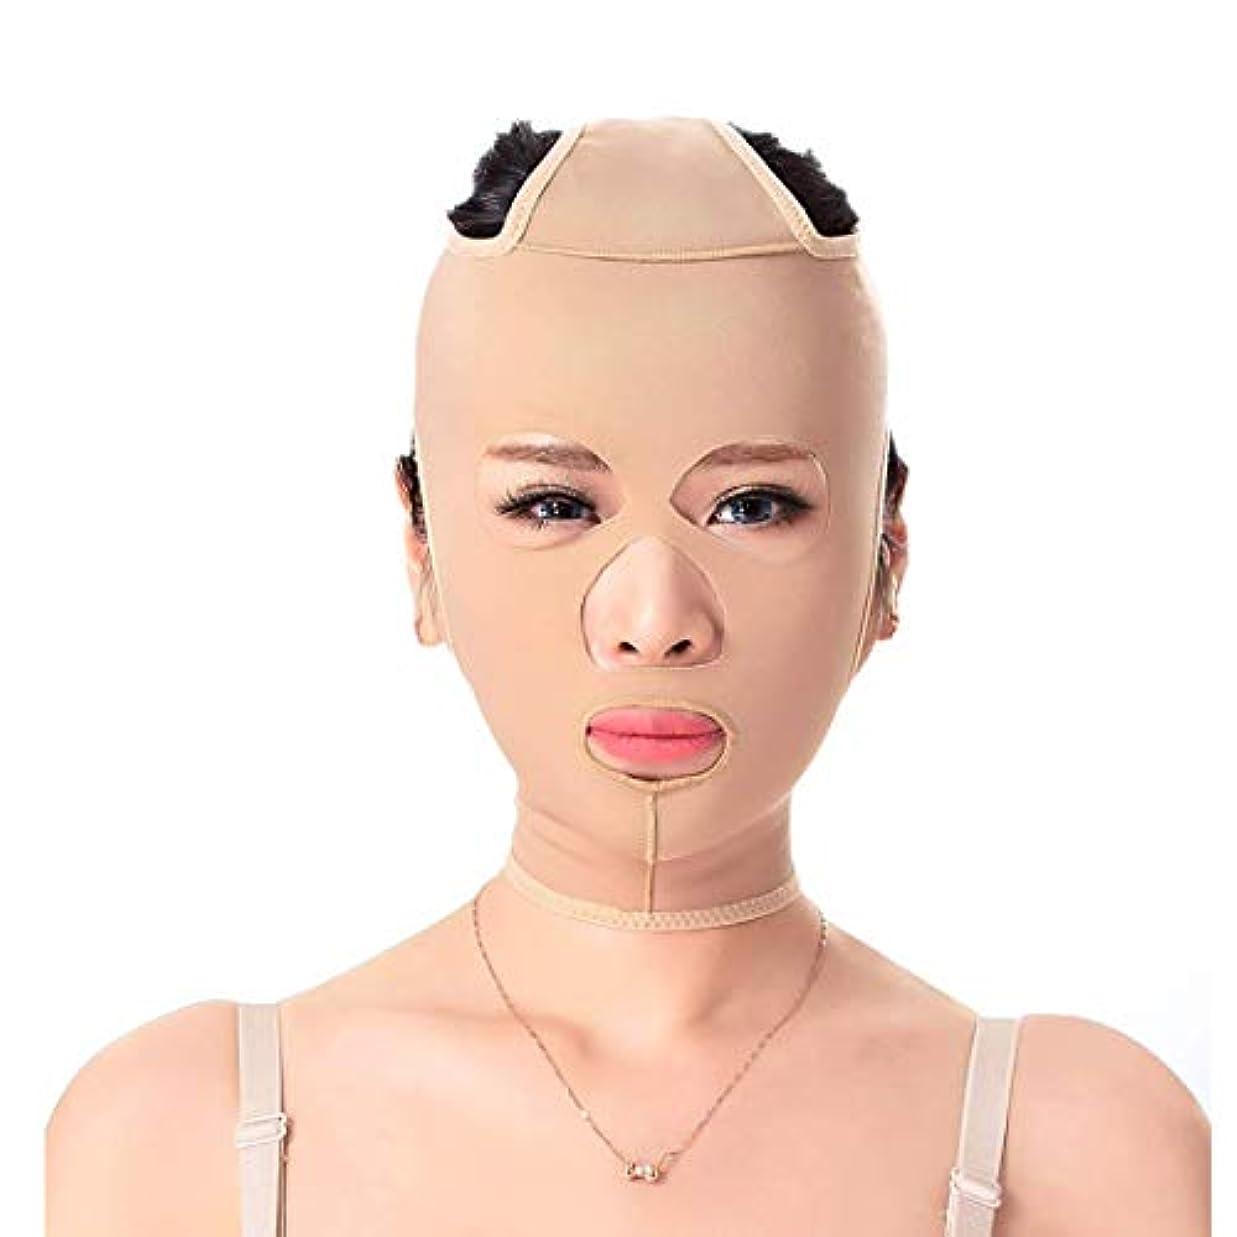 現実には下るマスクスリミングベルト、二重あごの引き締め顔面プラスチック顔アーティファクト強力な顔の包帯を脇に持ち上げるパターンを欺くためのフェイシャルマスク薄いフェイスマスク(サイズ:XXL),XXL